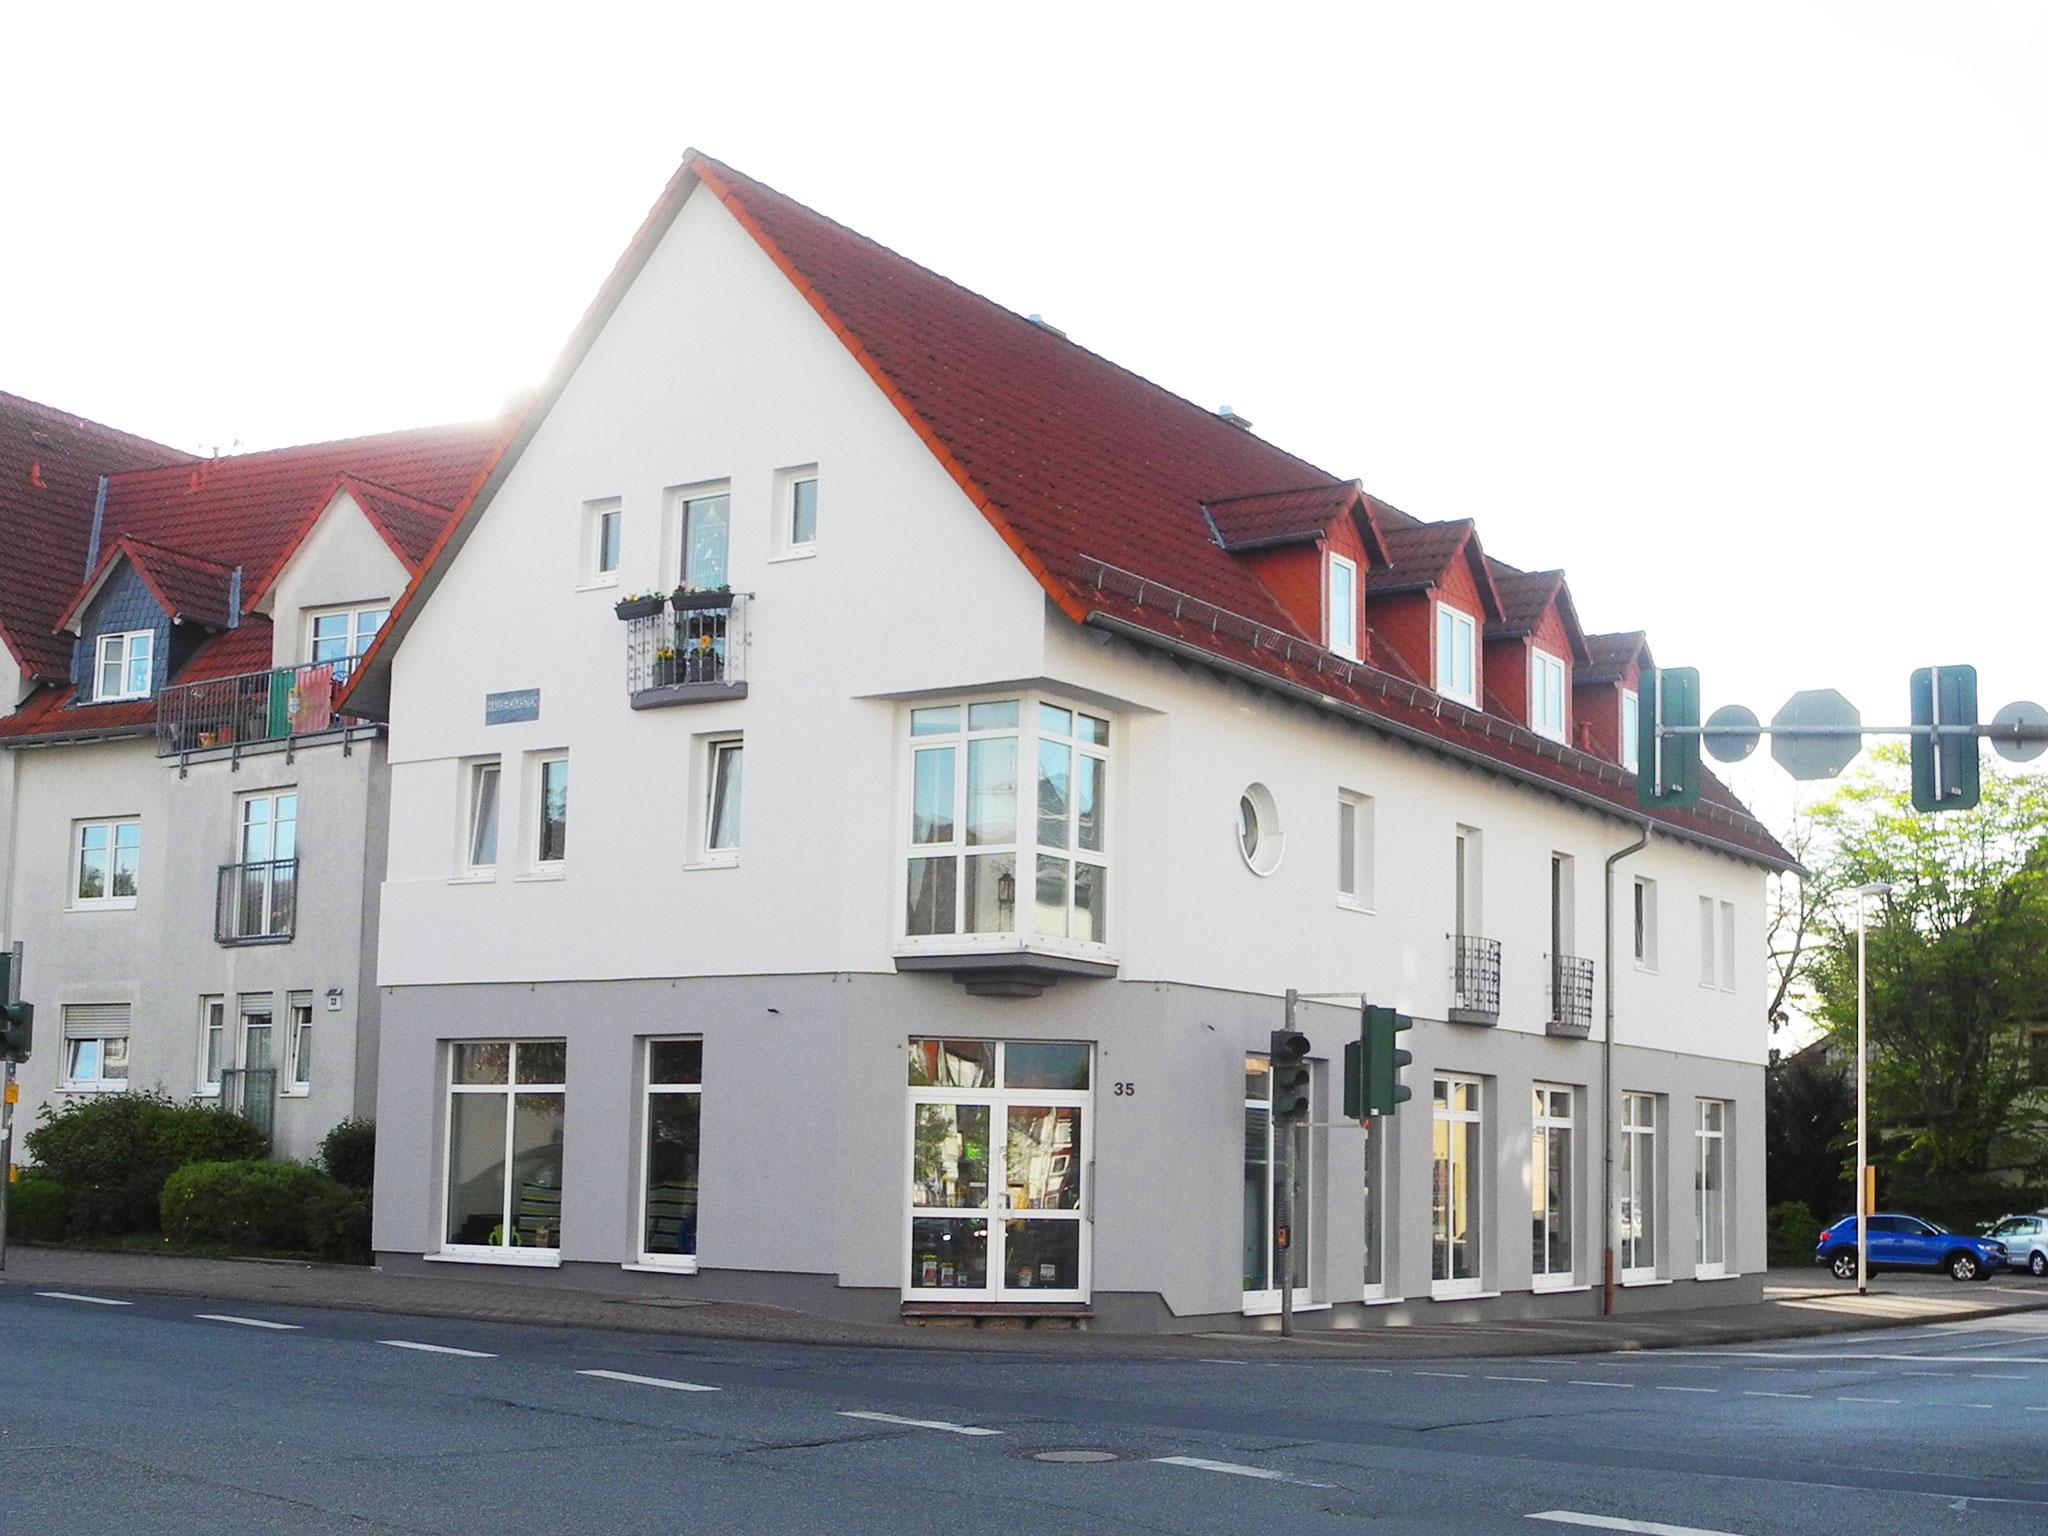 Neugestaltung der Fassade - Fassadenanstrich Schwalmstadt